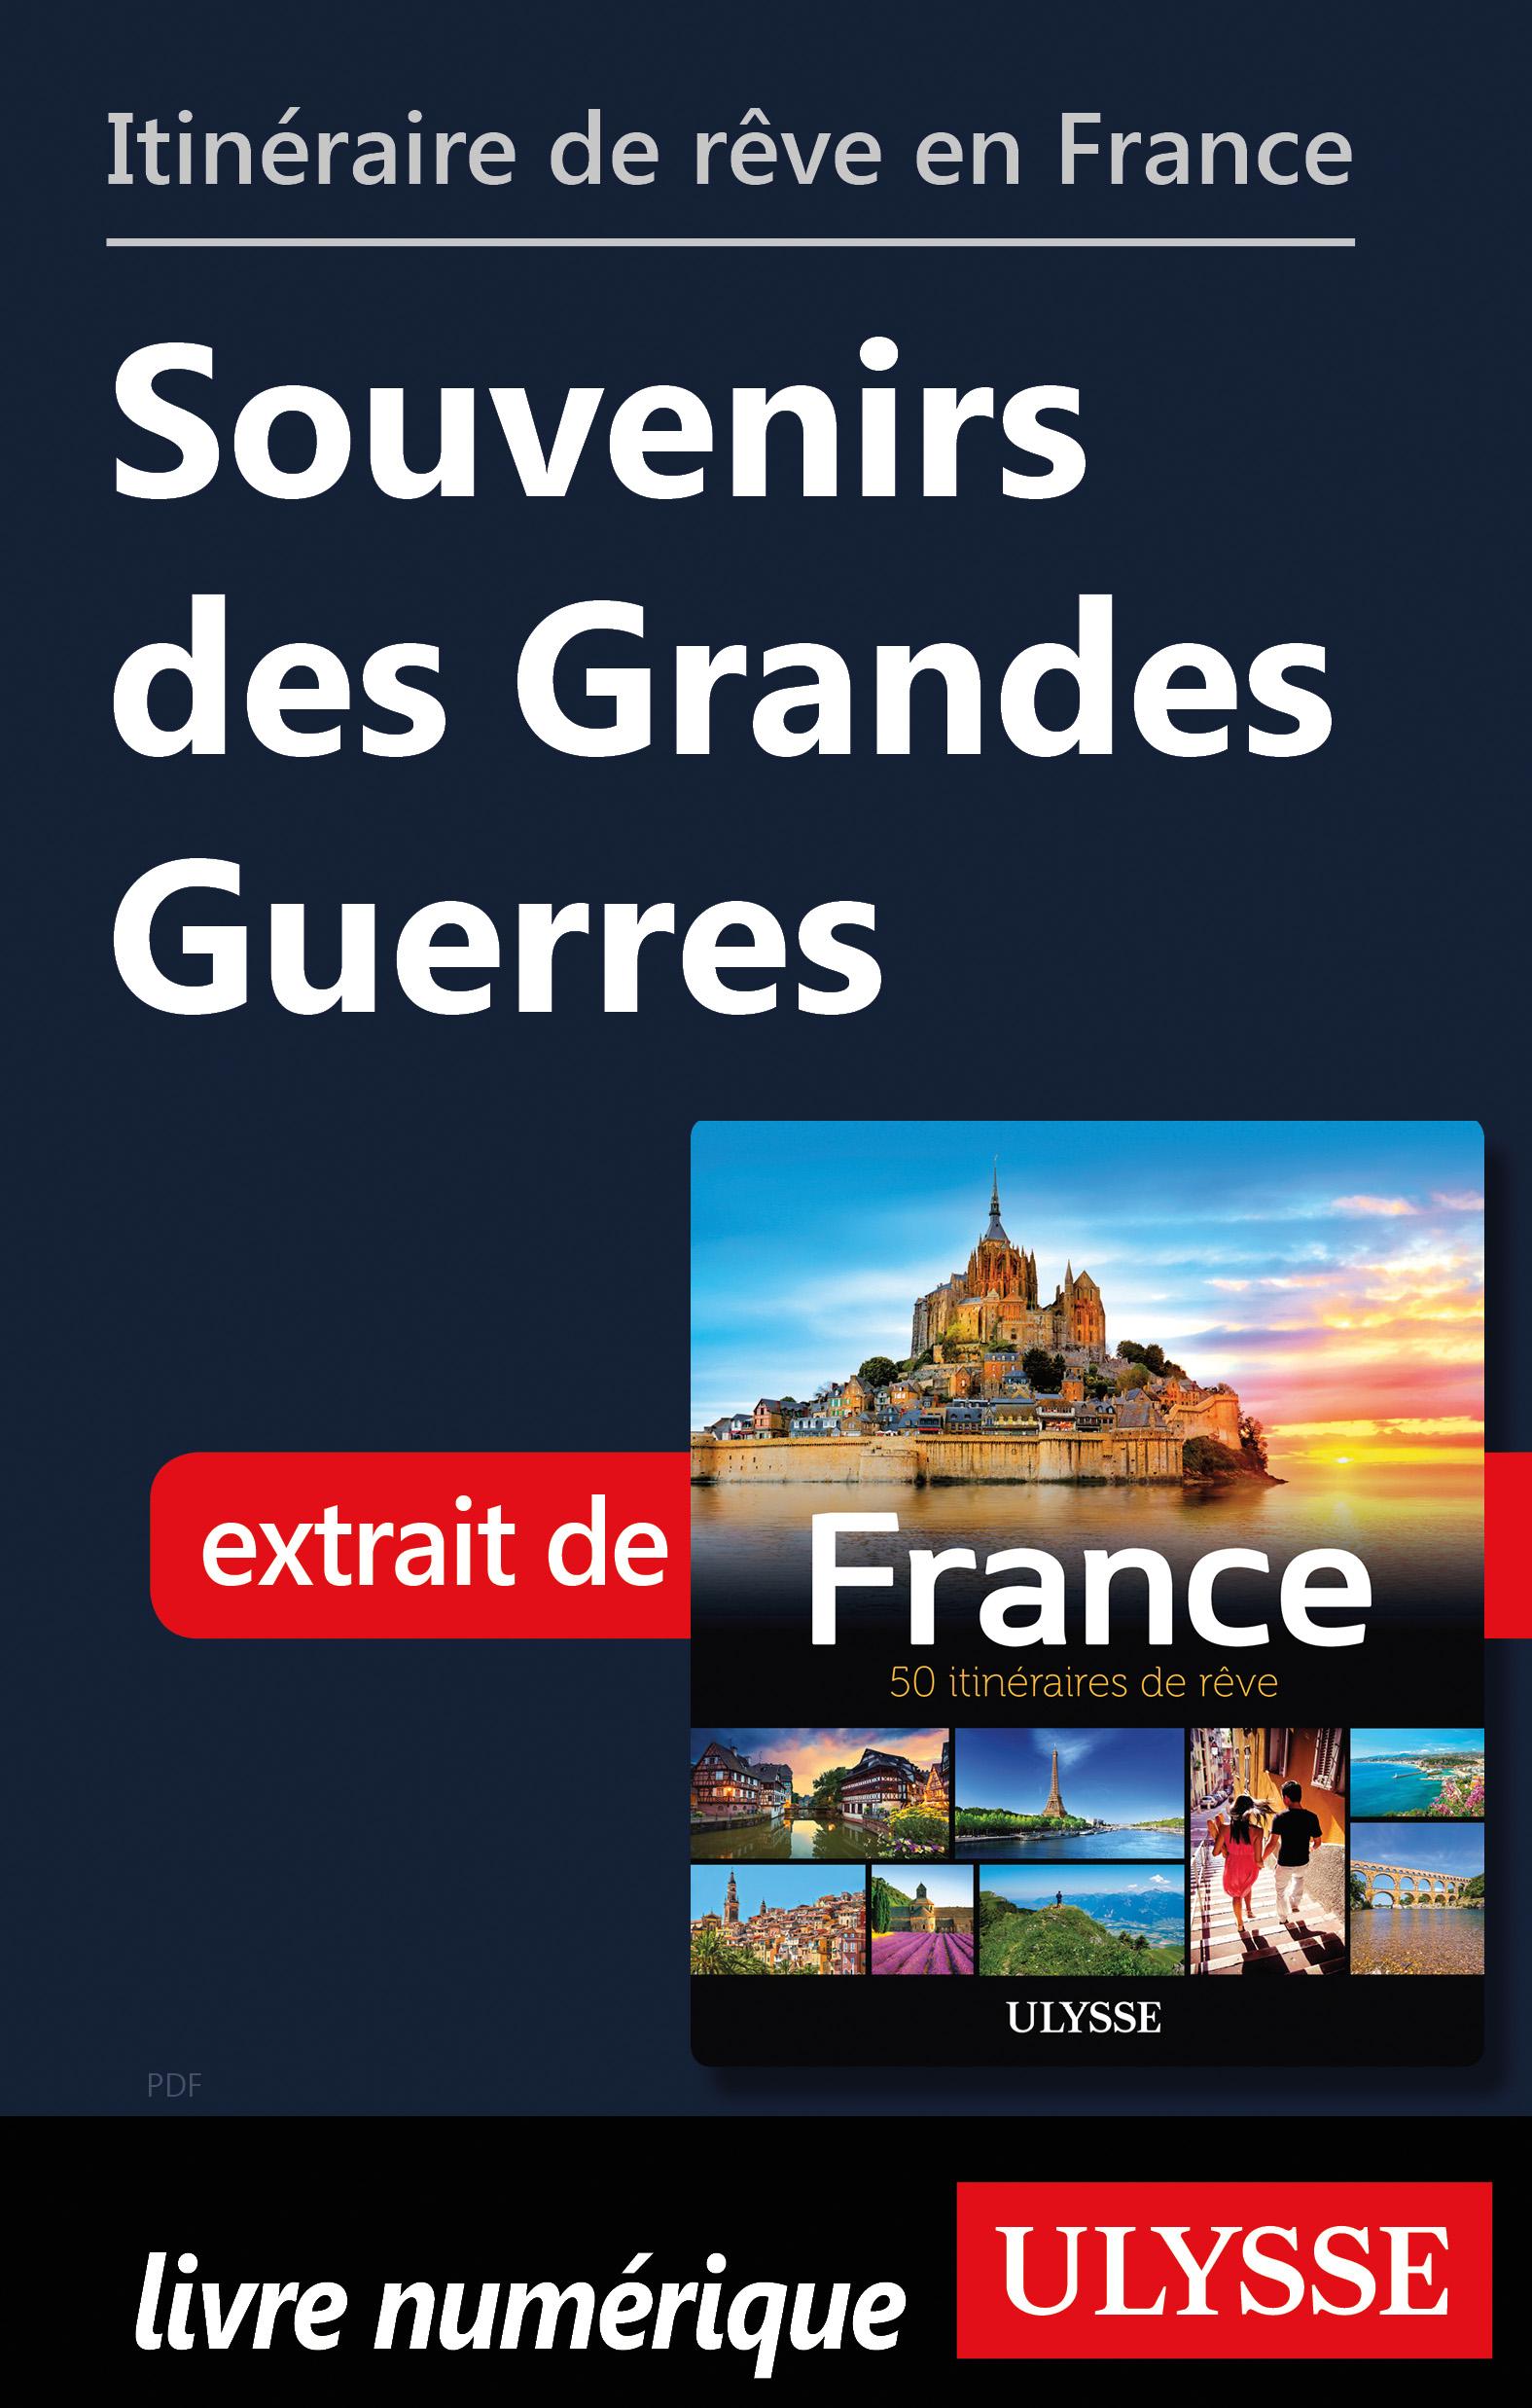 Itinéraire de rêve en France - Souvenirs des Grandes Guerres